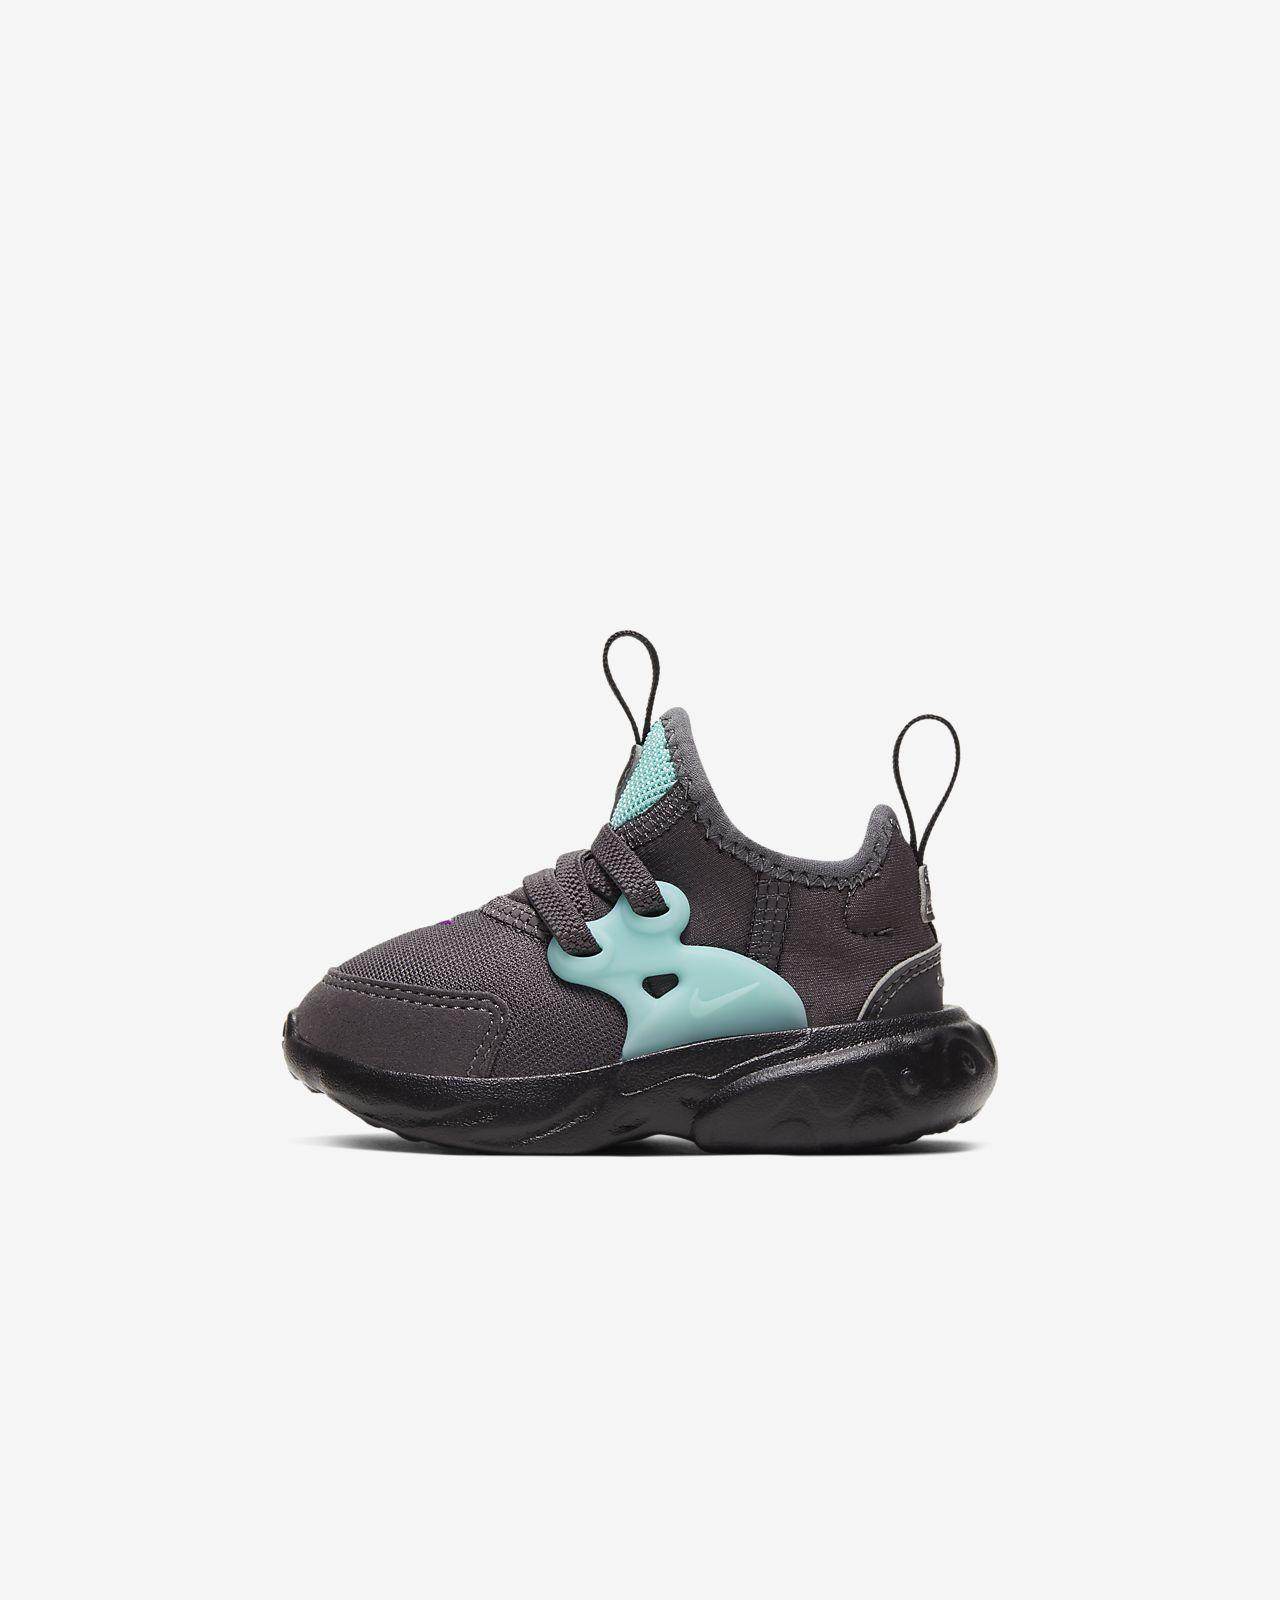 Nike RT Presto Baby/Toddler Shoe